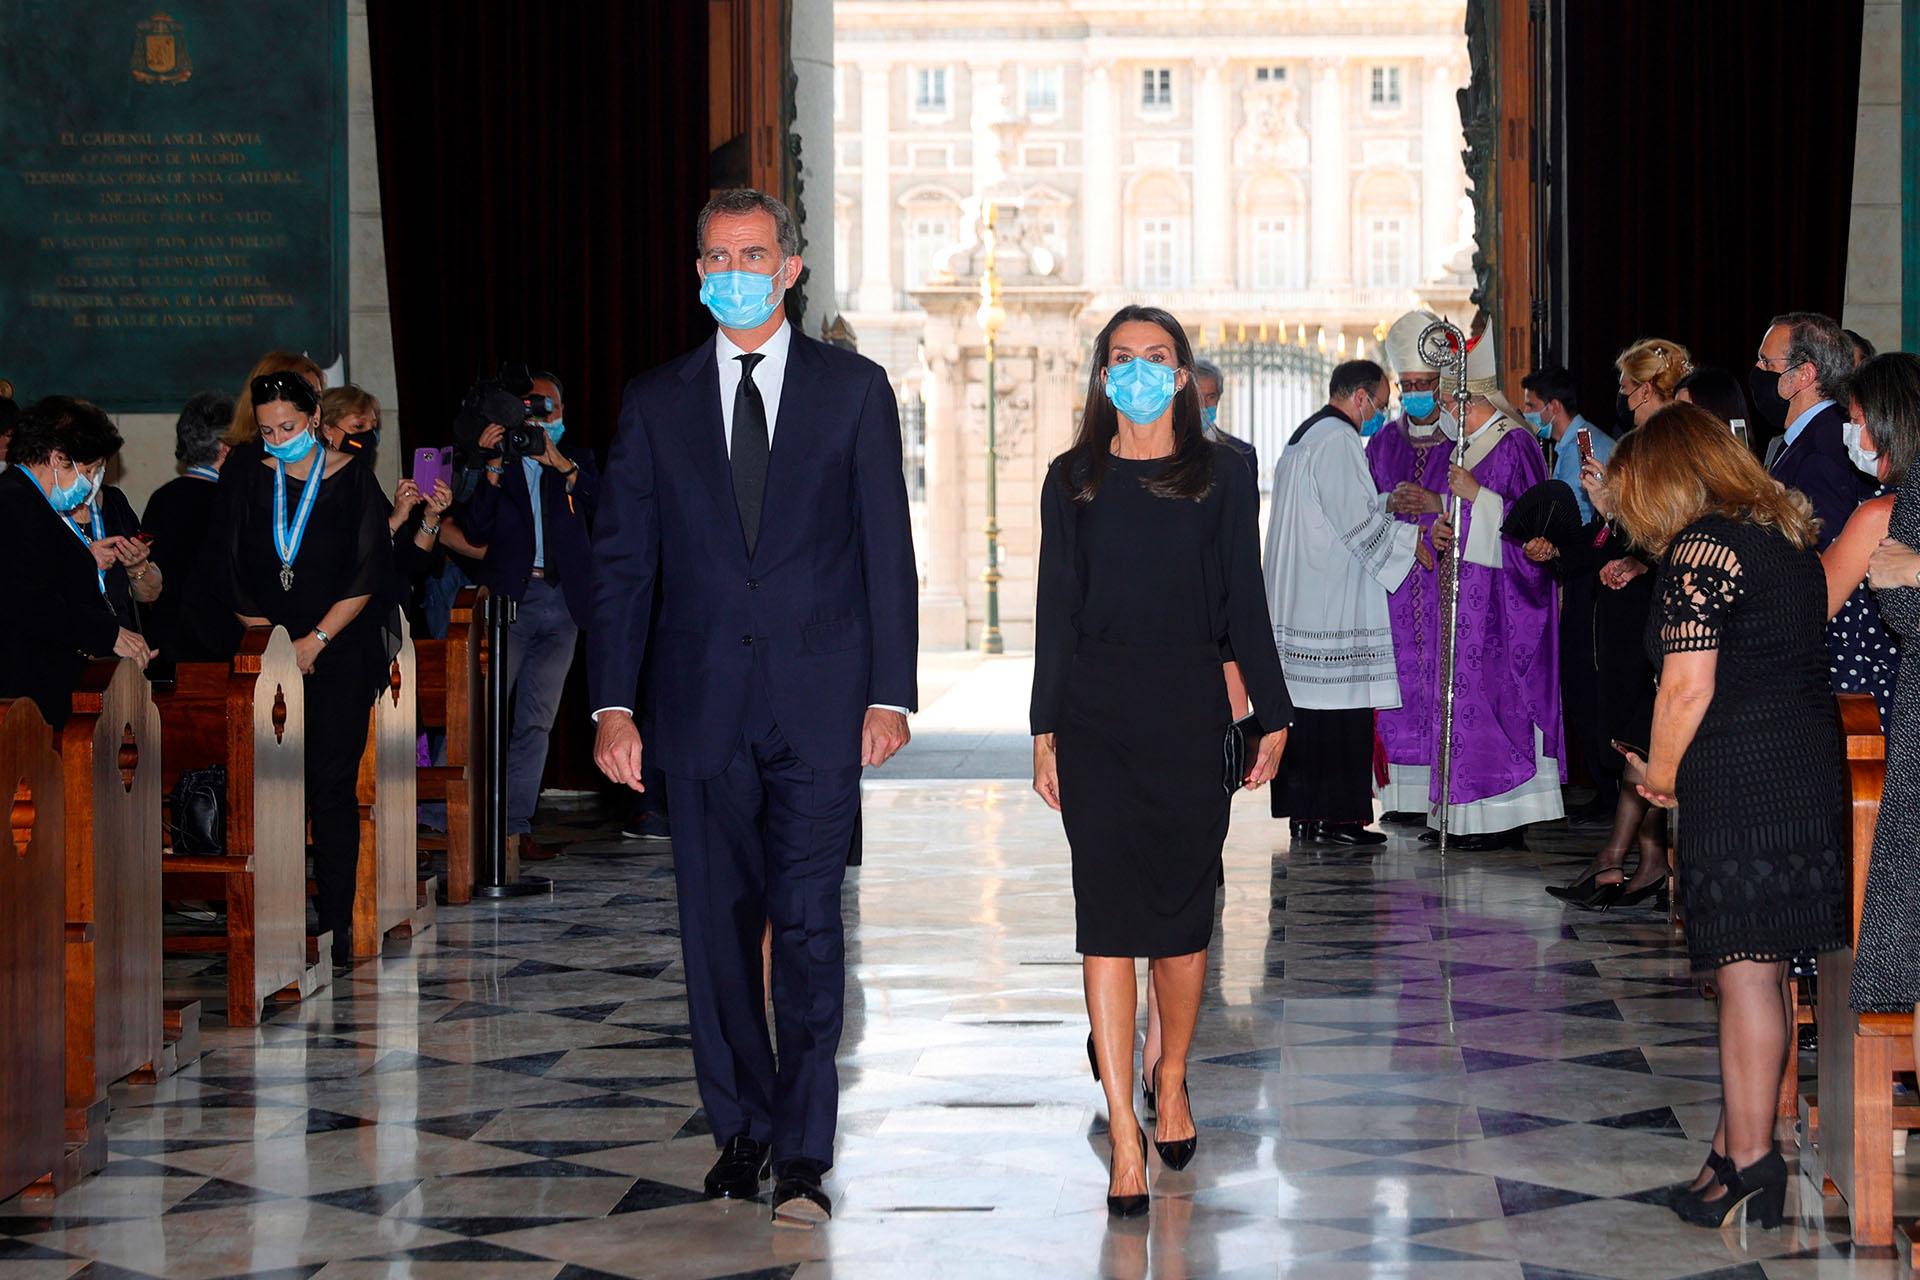 Medidas de precaución: Todos los asistentes llevaron mascarillas de protección y sólo pudieron estar presentes 400 personas, a pesar de que la Catedral tiene capacidad para unas 900